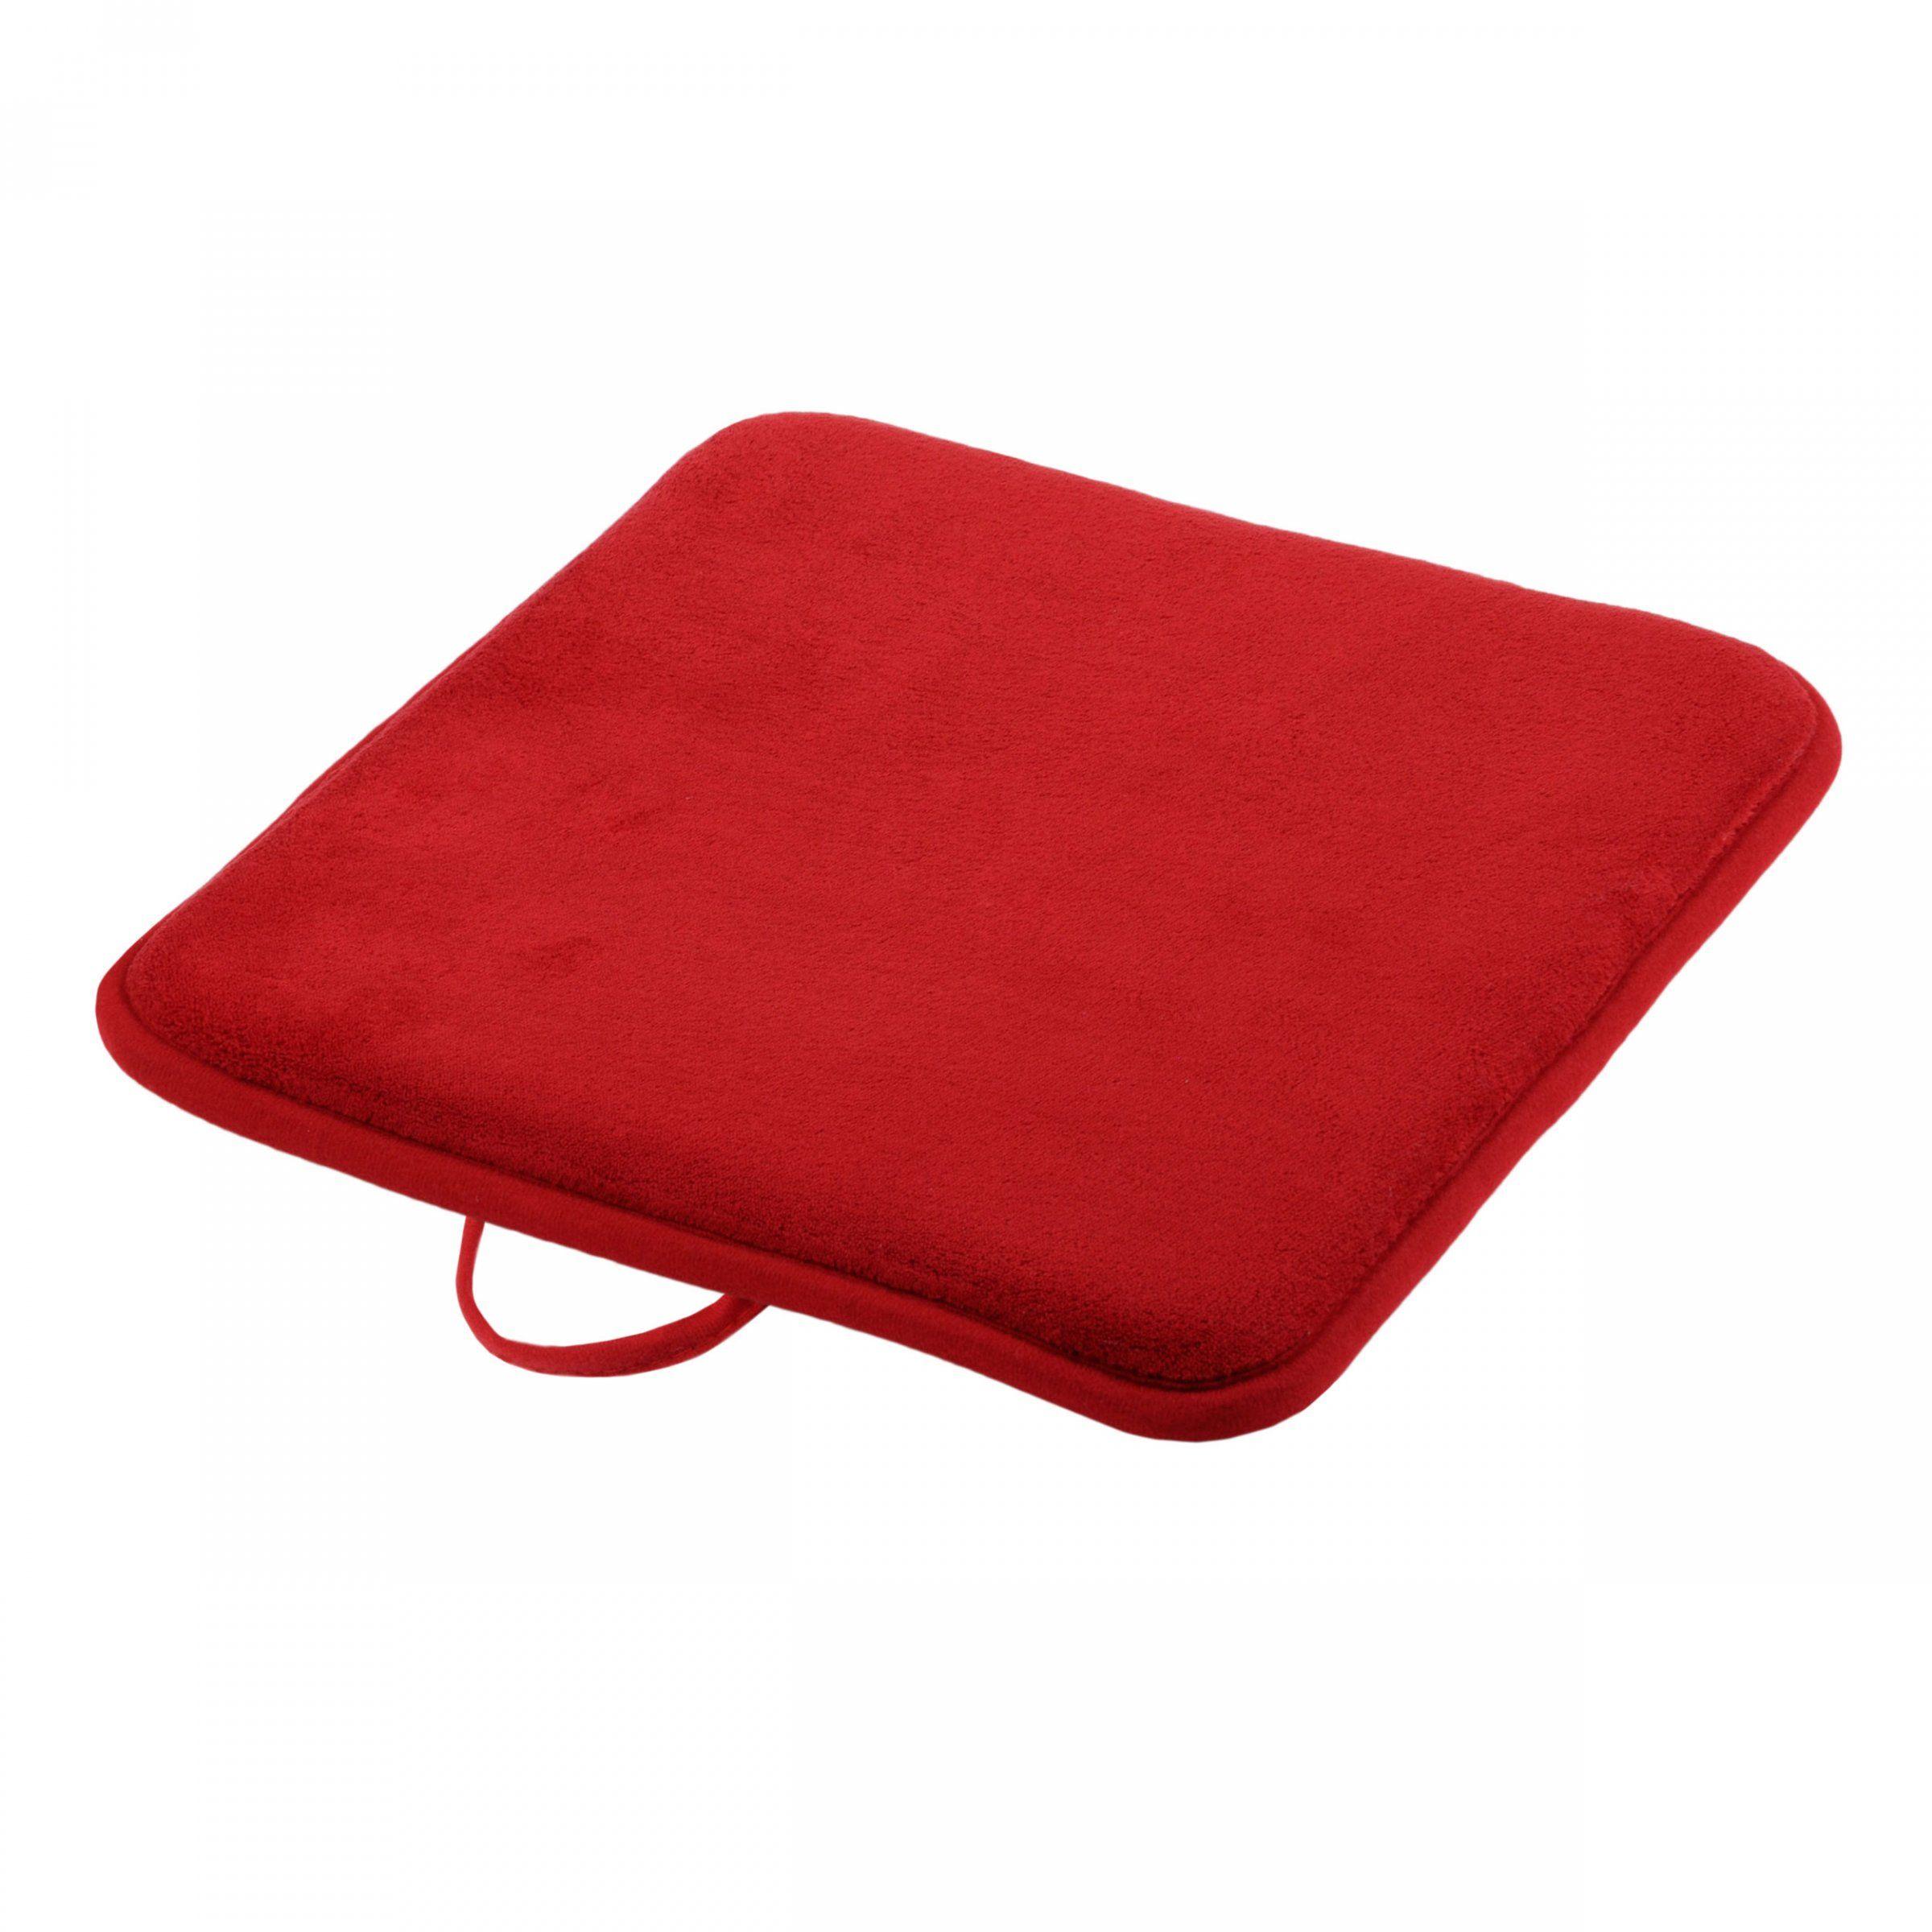 galette de chaise japan rouge galette et coussin de chaise eminza. Black Bedroom Furniture Sets. Home Design Ideas